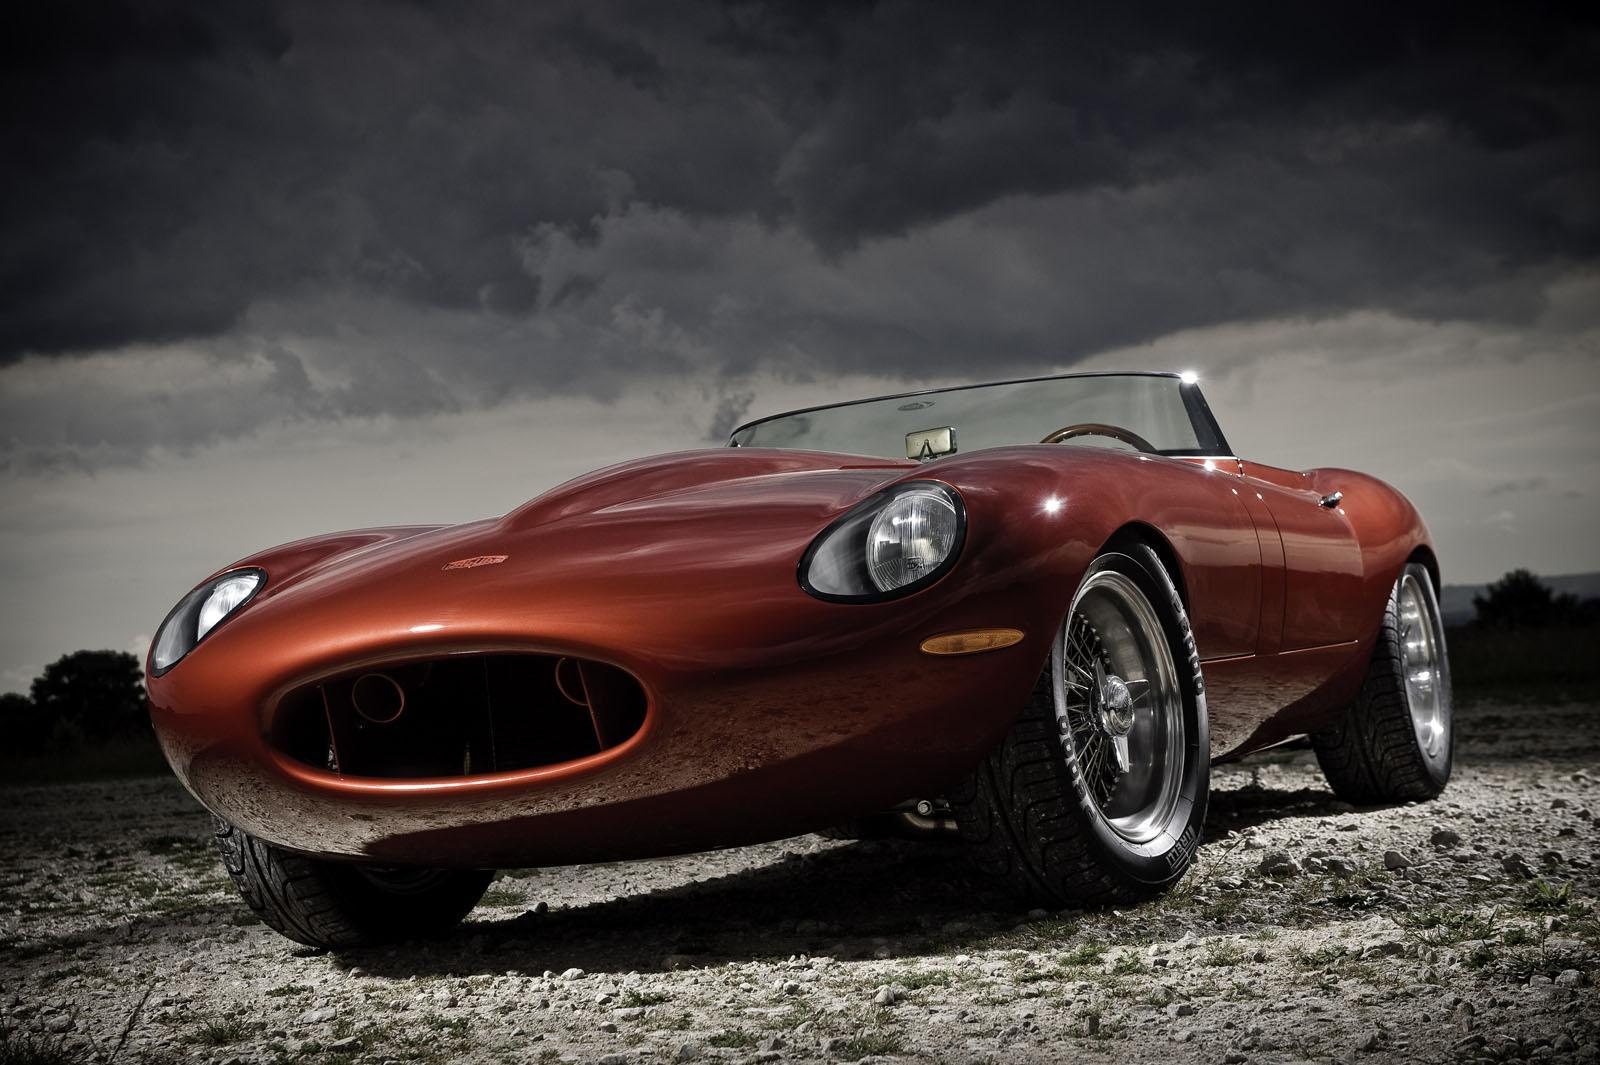 http://2.bp.blogspot.com/-lypzbqK48gI/Td2qrSVFSkI/AAAAAAAAG2E/NBd1paVcC4A/s1600/2011-Eagle-Jaguar-E-Type-Speedster-Lightweight-Front-Angle-Picture.jpg